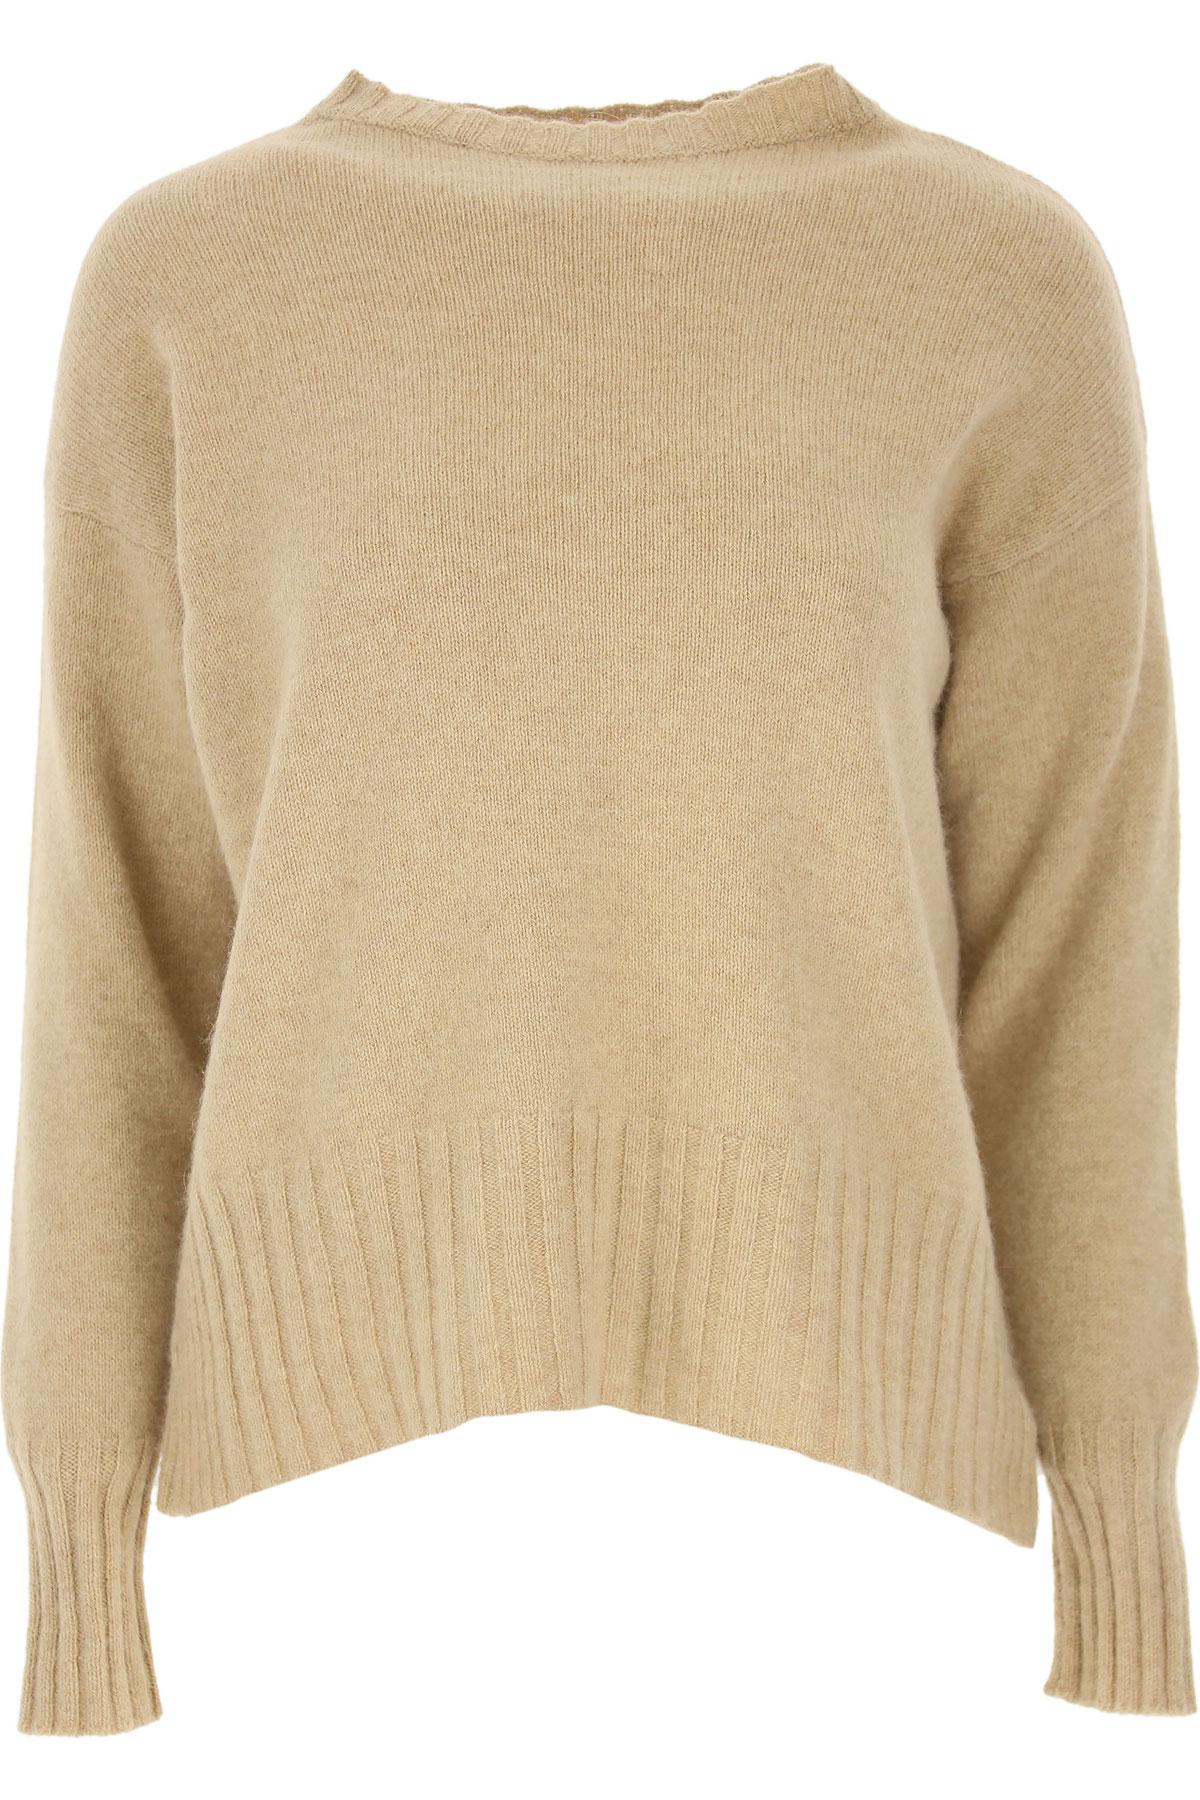 Zanone Sweater for Women Jumper On Sale, Beige, Wool, 2019, 6 8